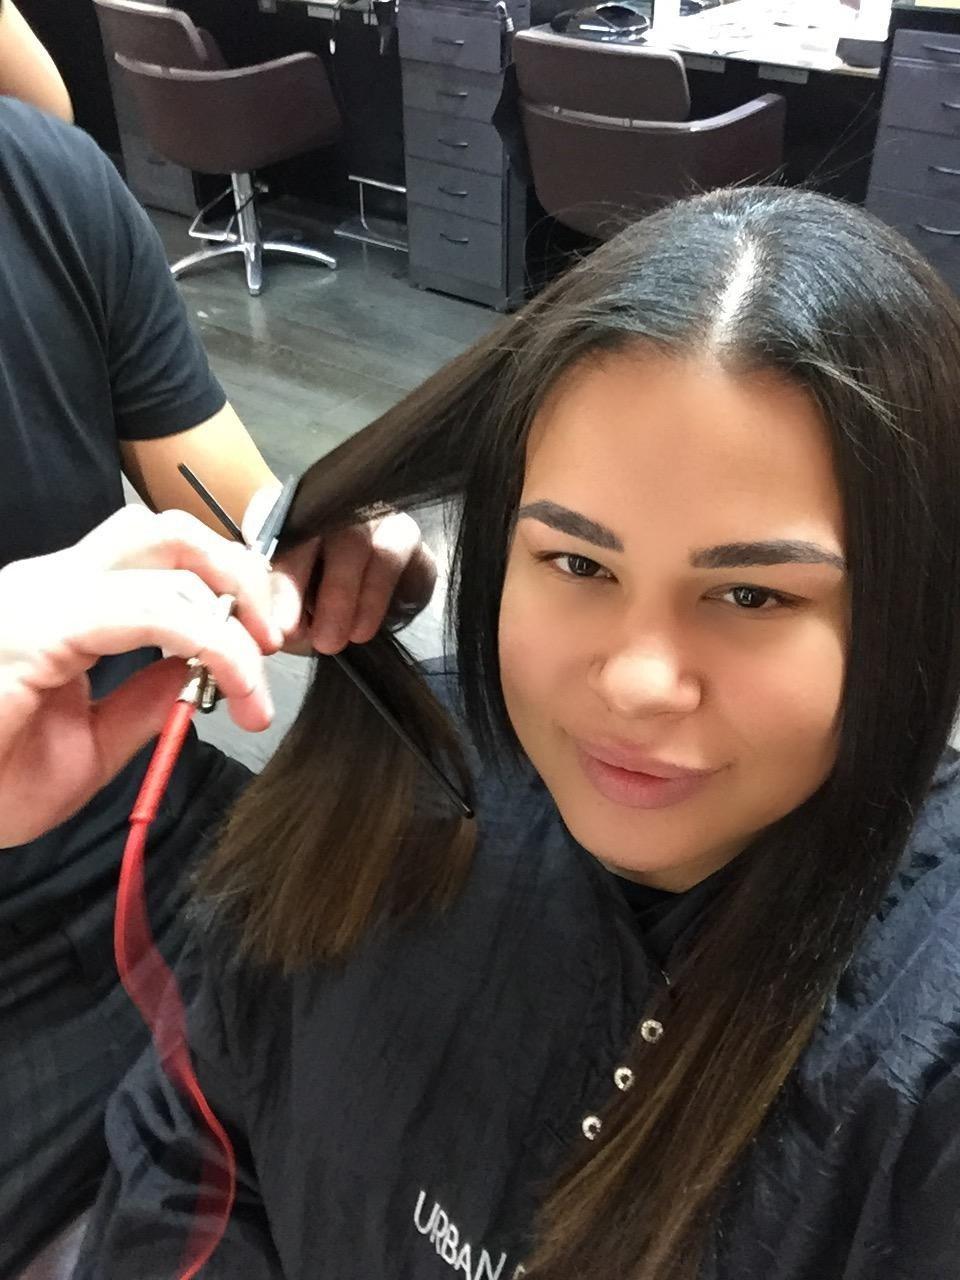 Лунный календарь на март 2019 года стрижек волос - откажитесь от похода в салон в этот день